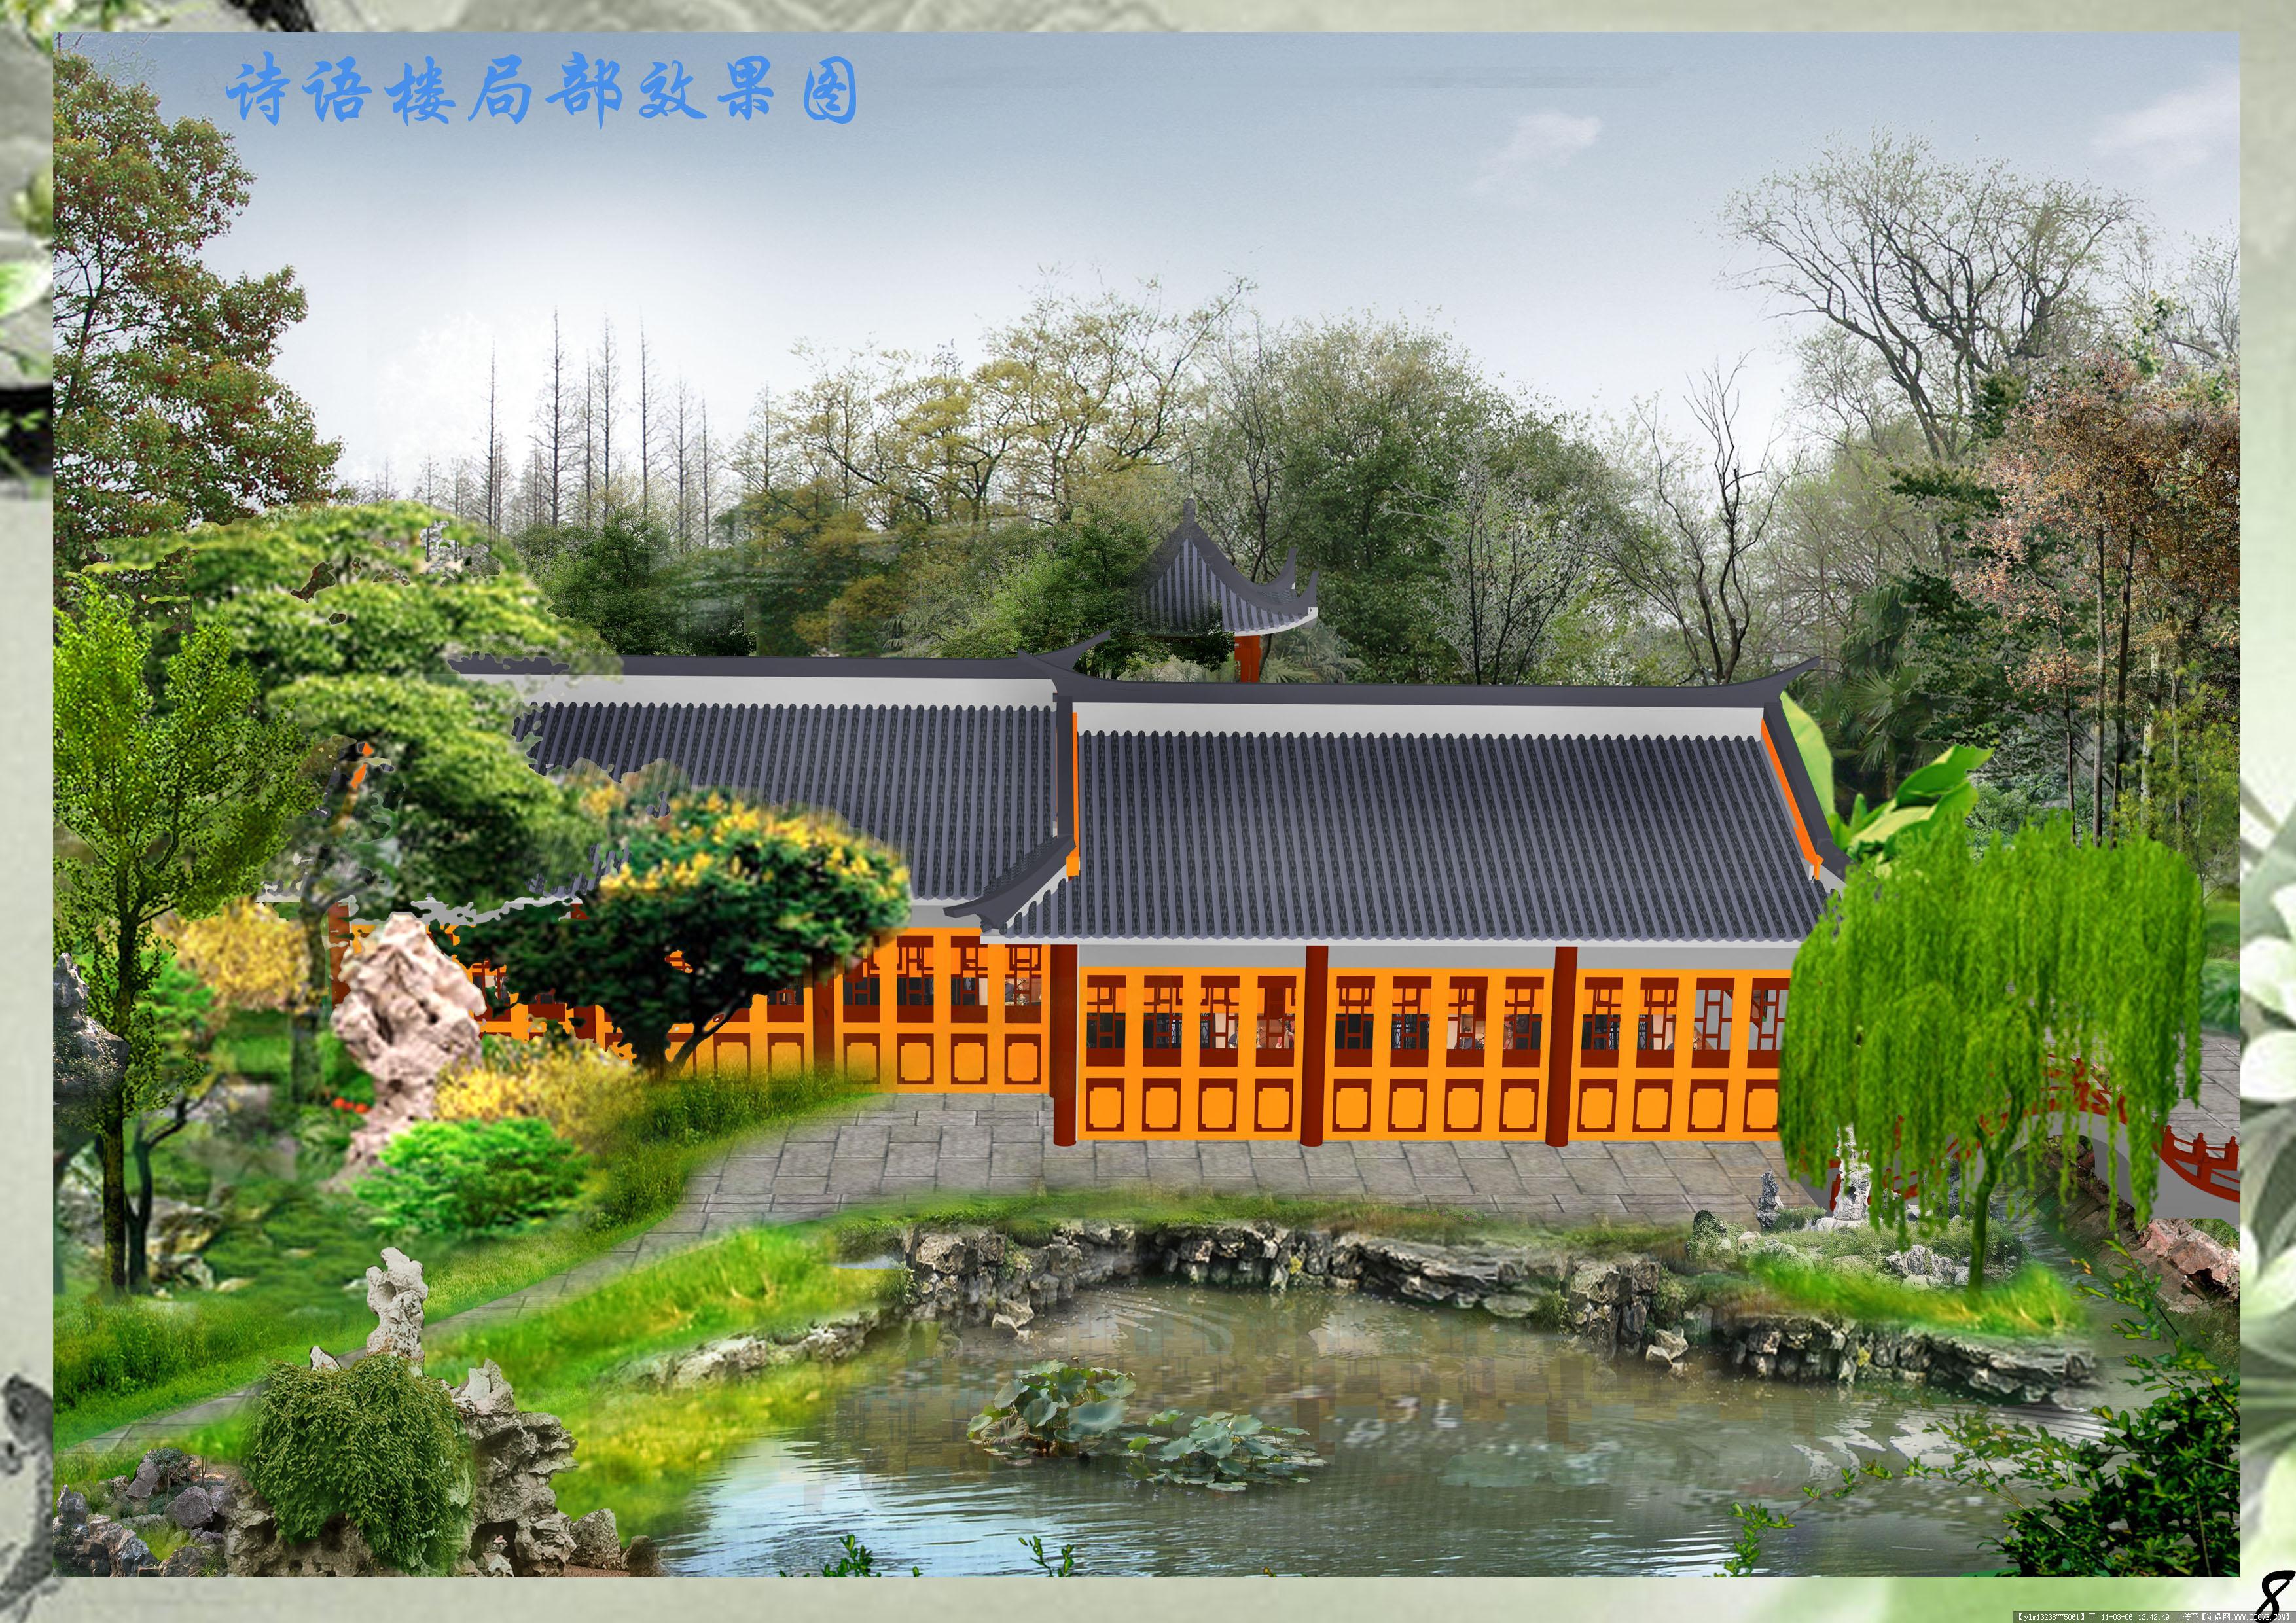 古典园林设计效果图两张-超大图的图片浏览,园林效果图,其他相关,园林景观设计施工图纸资料下载_定鼎园林